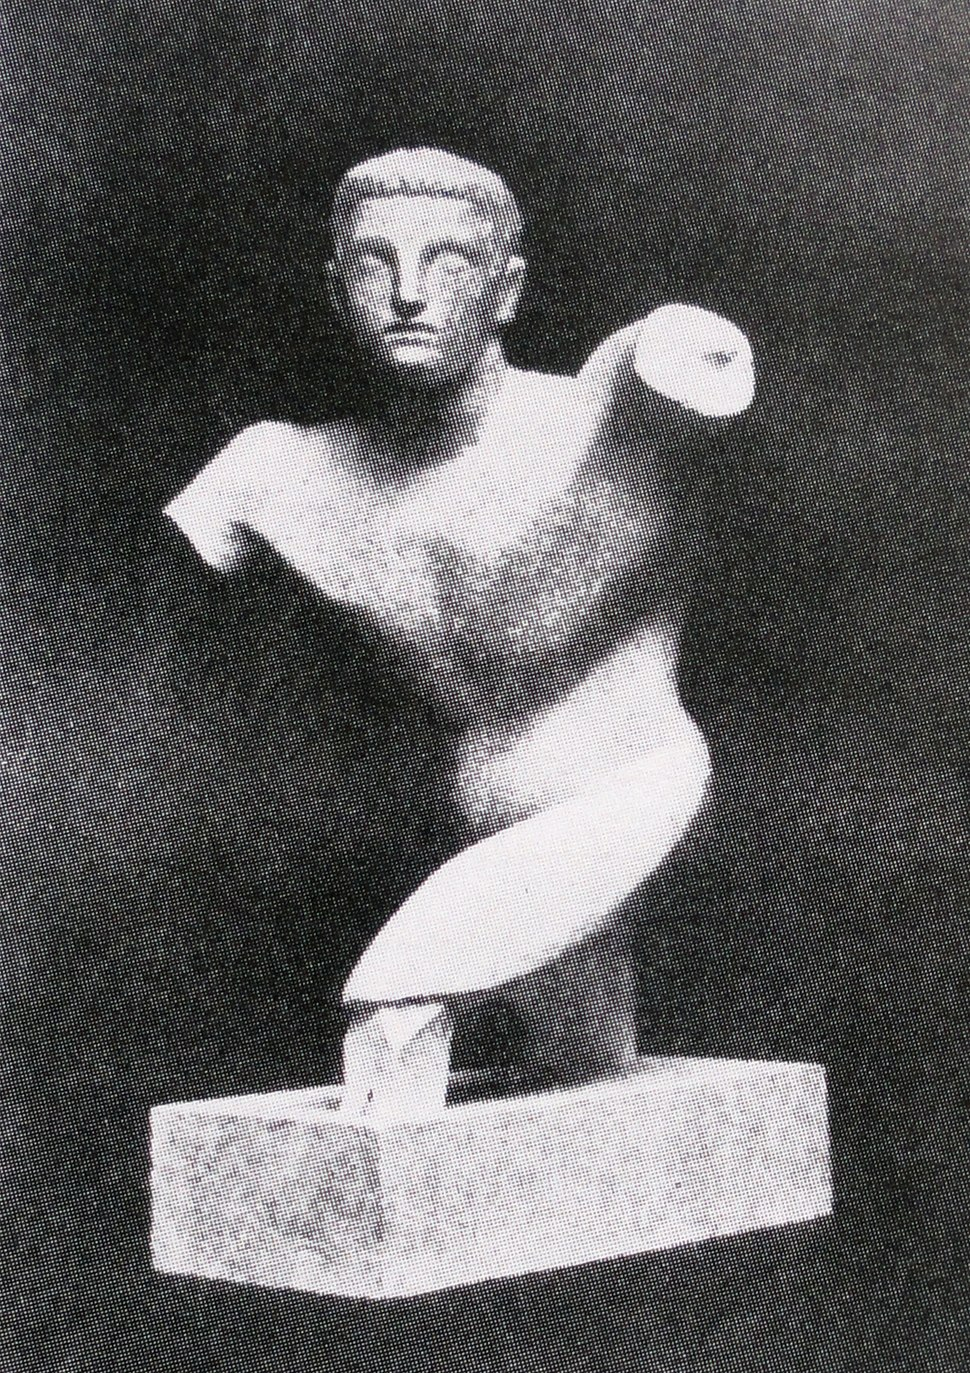 Raymond Duchamp-Villon, 1910, Torse de jeune homme (Torso of a young man), terracotta, Armory Show postcard, published 1913